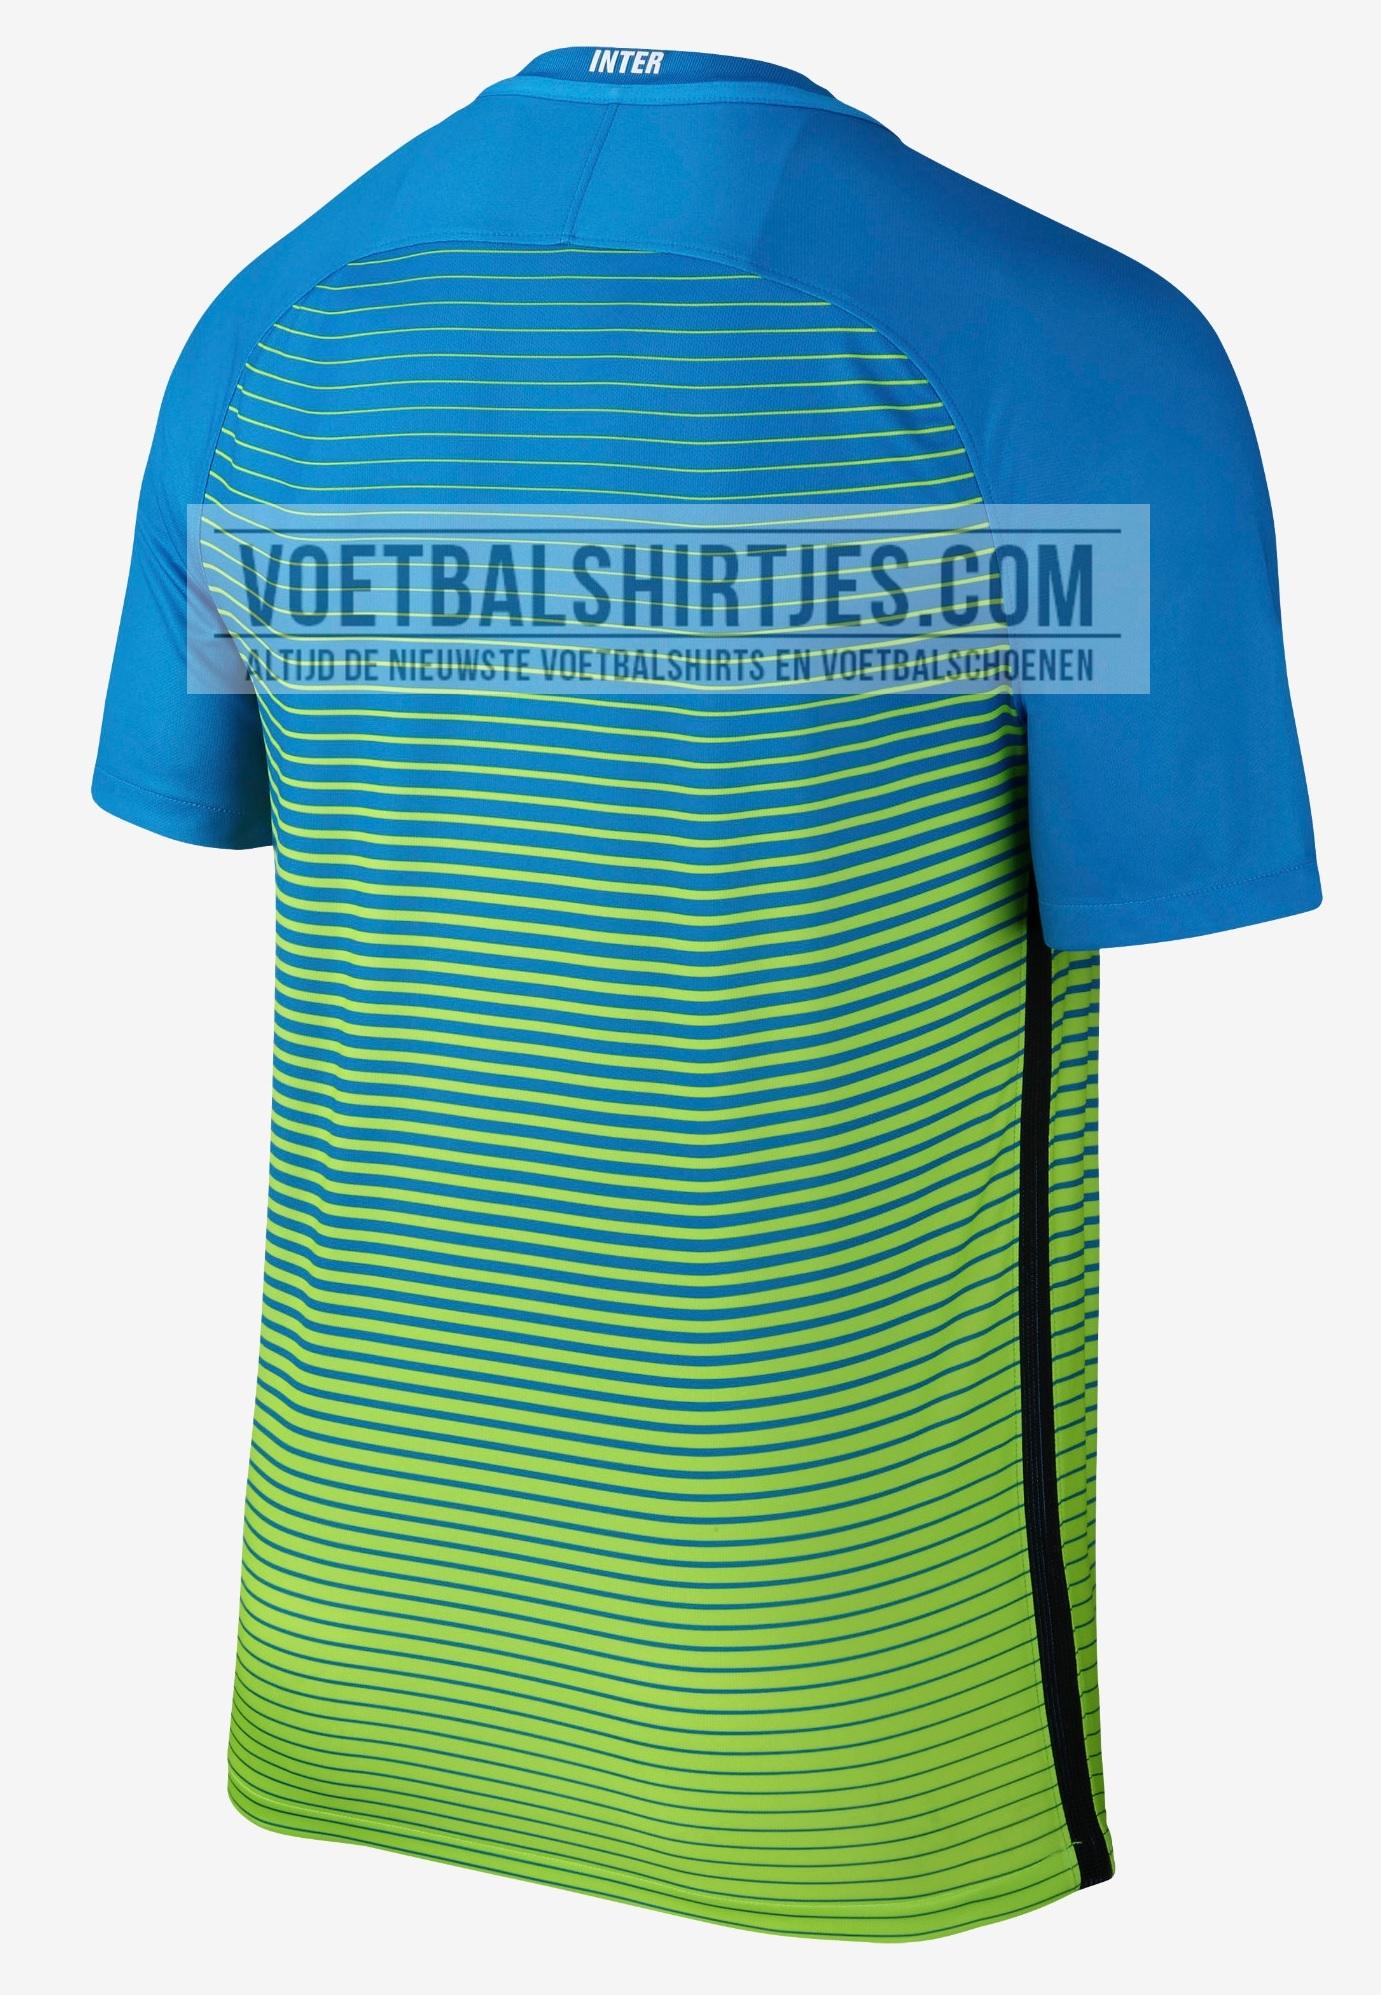 Inter 3rd kit 2017